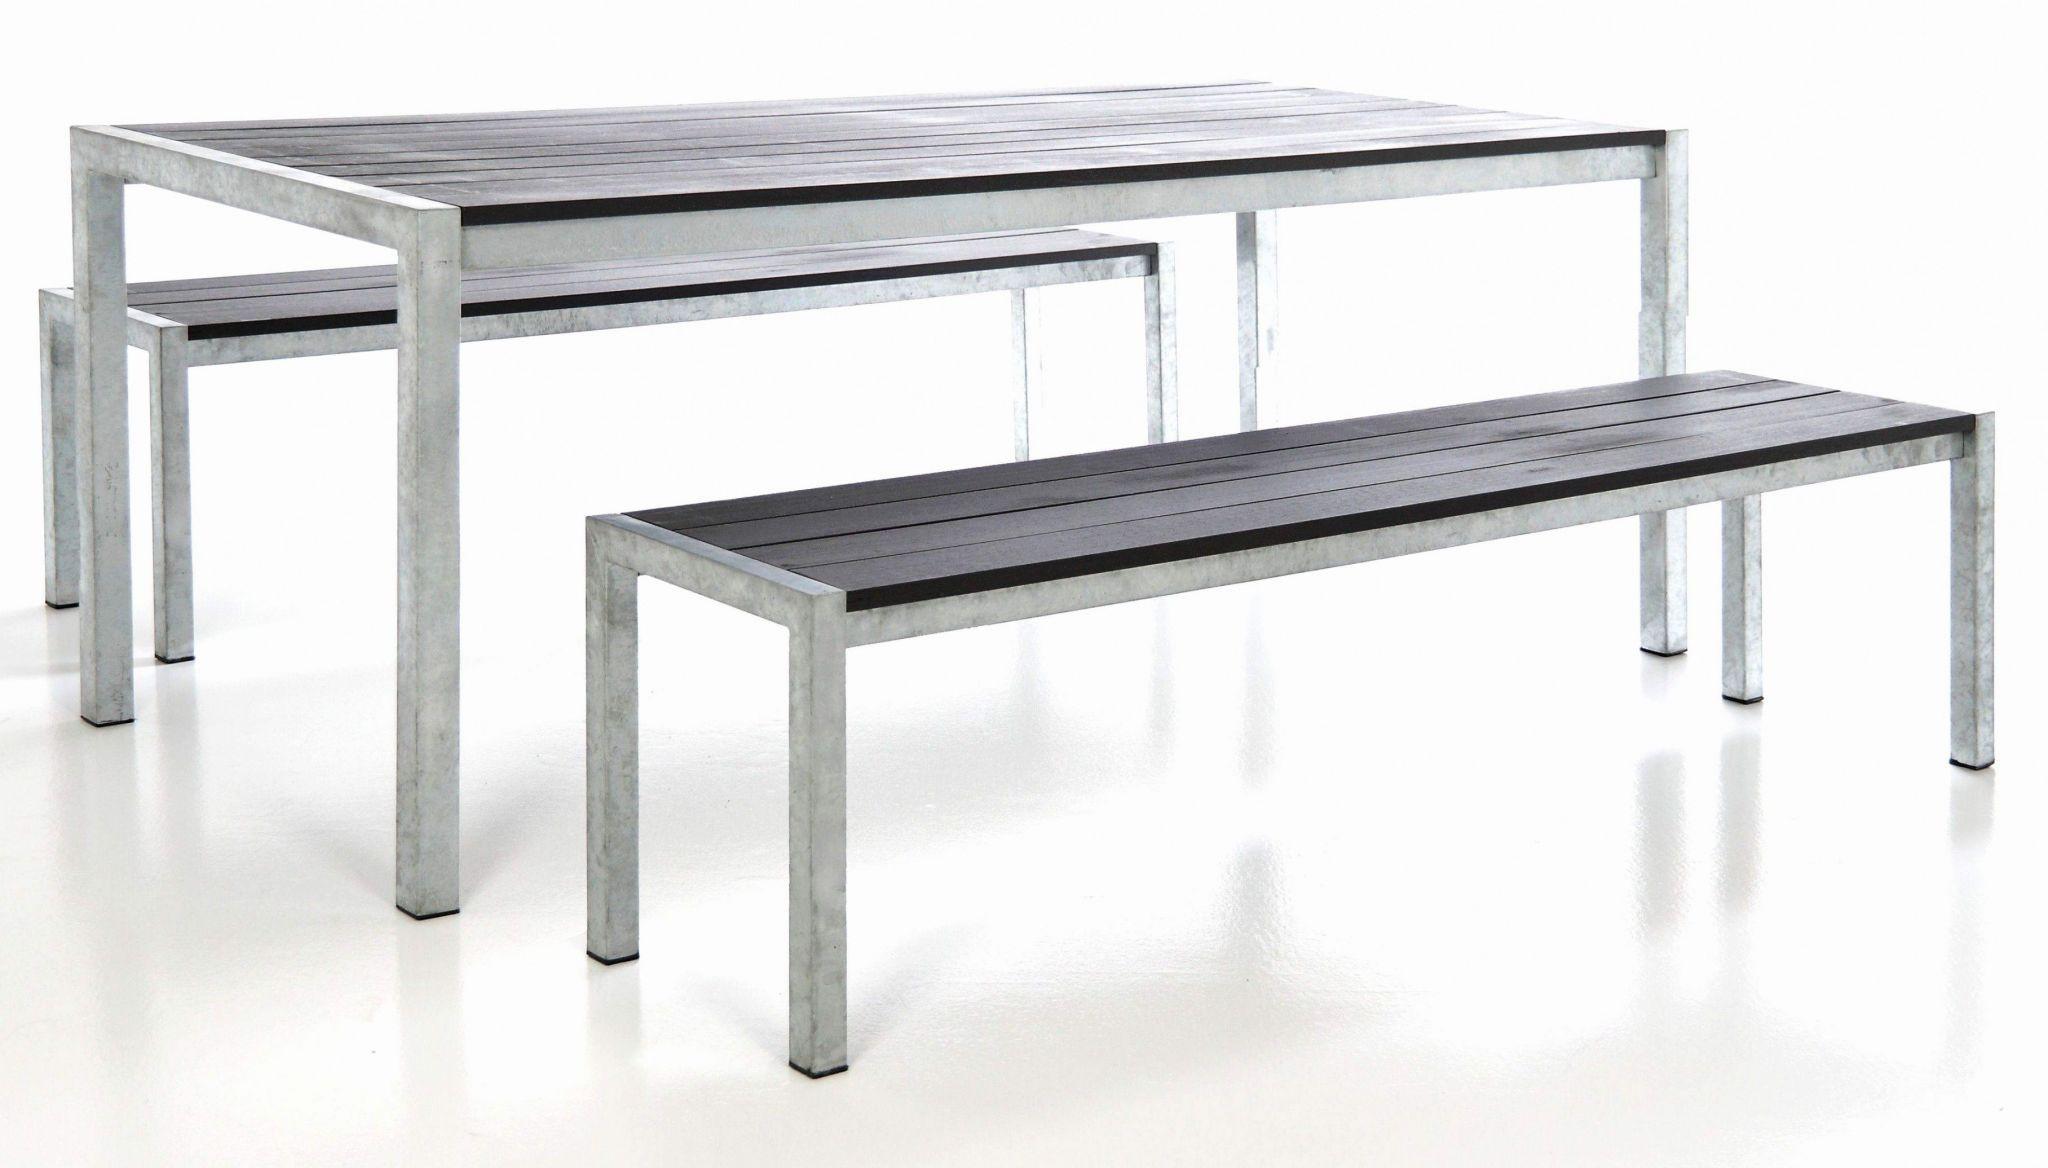 meuble de camping lidl meuble de jardin occasion ou table bois brut elegant table bois 0d of meuble de camping lidl